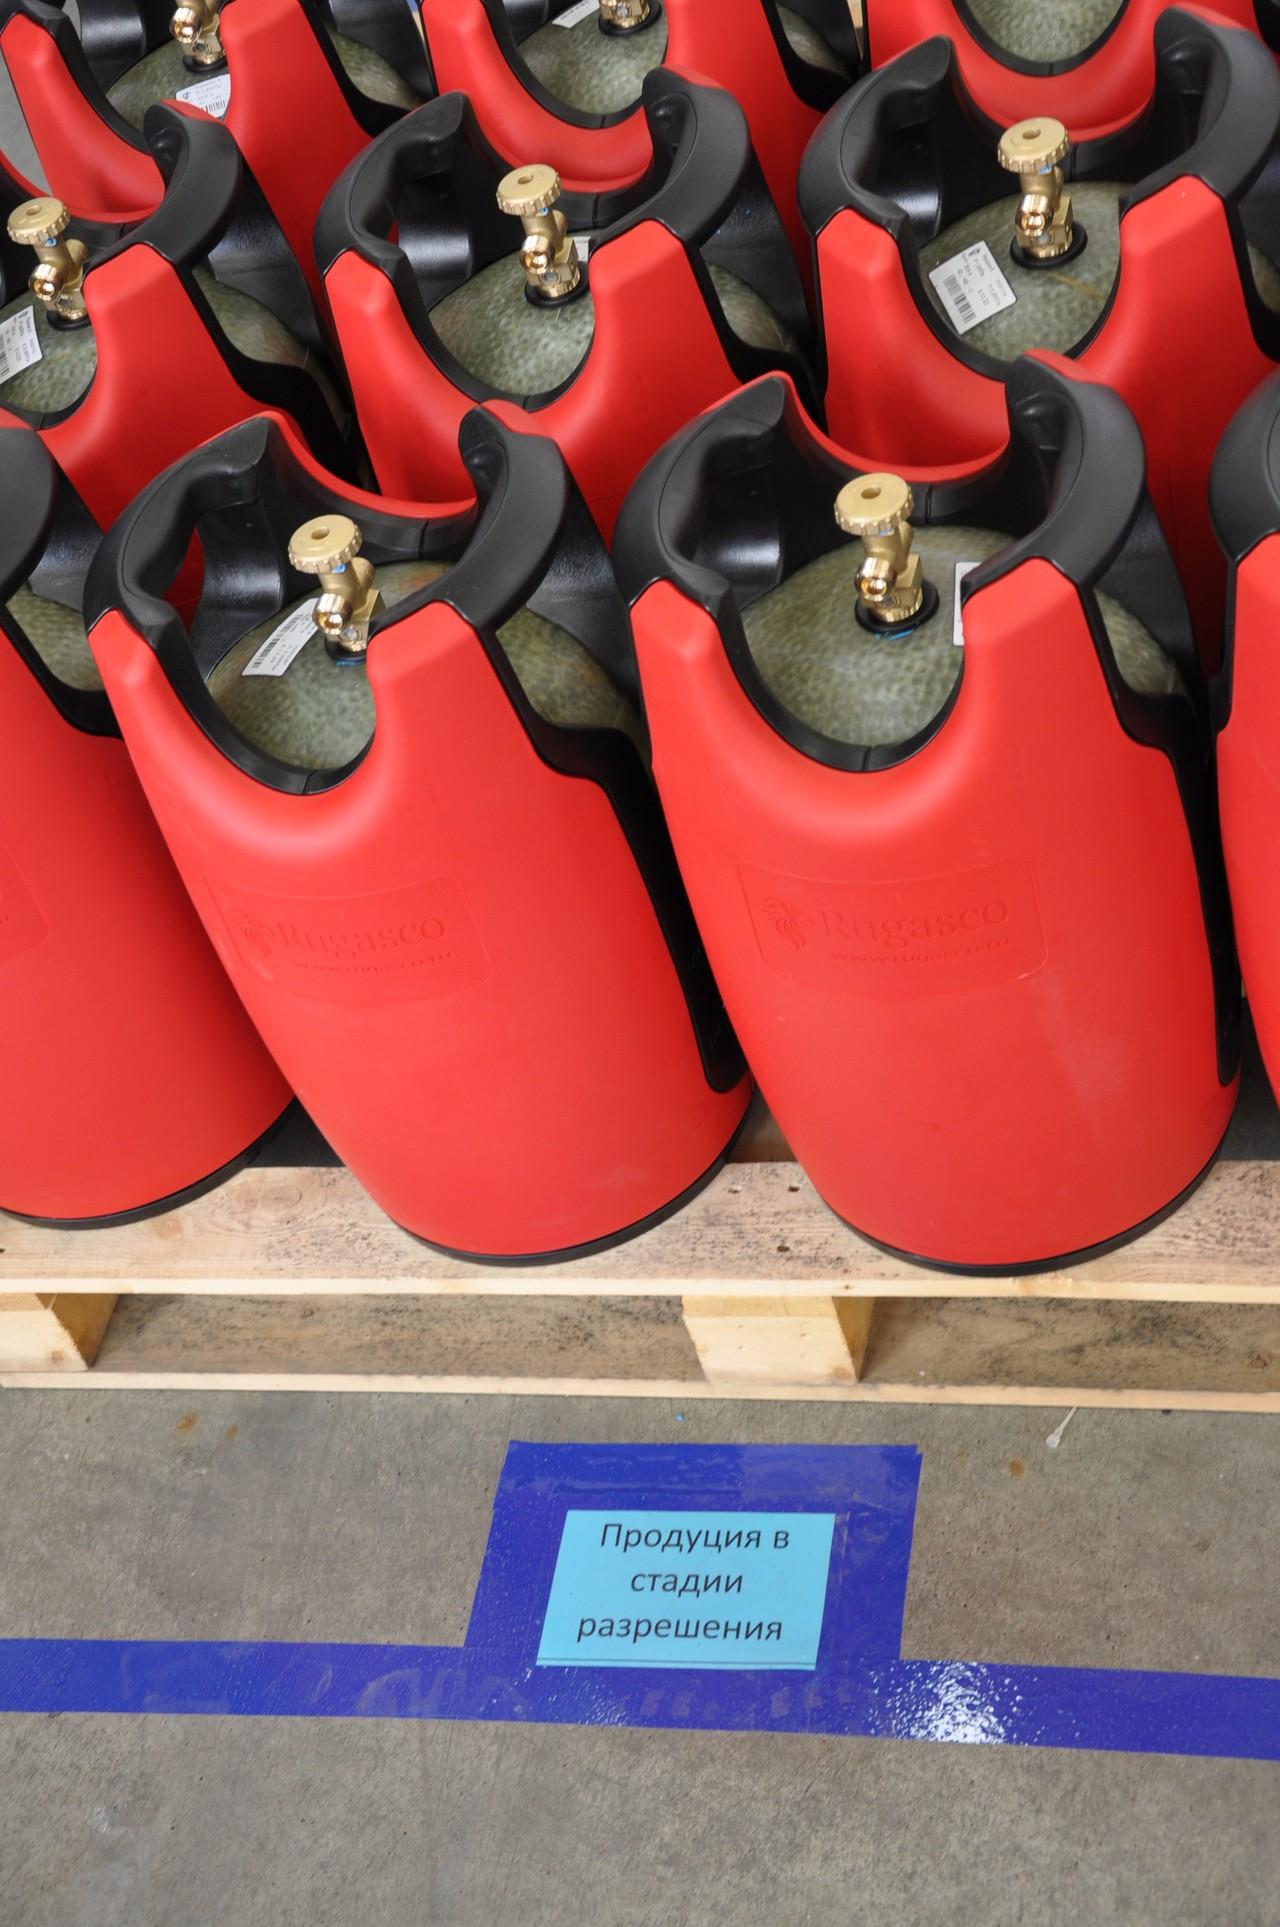 Композитный газовый баллон: преимущества использования евробаллонов - точка j